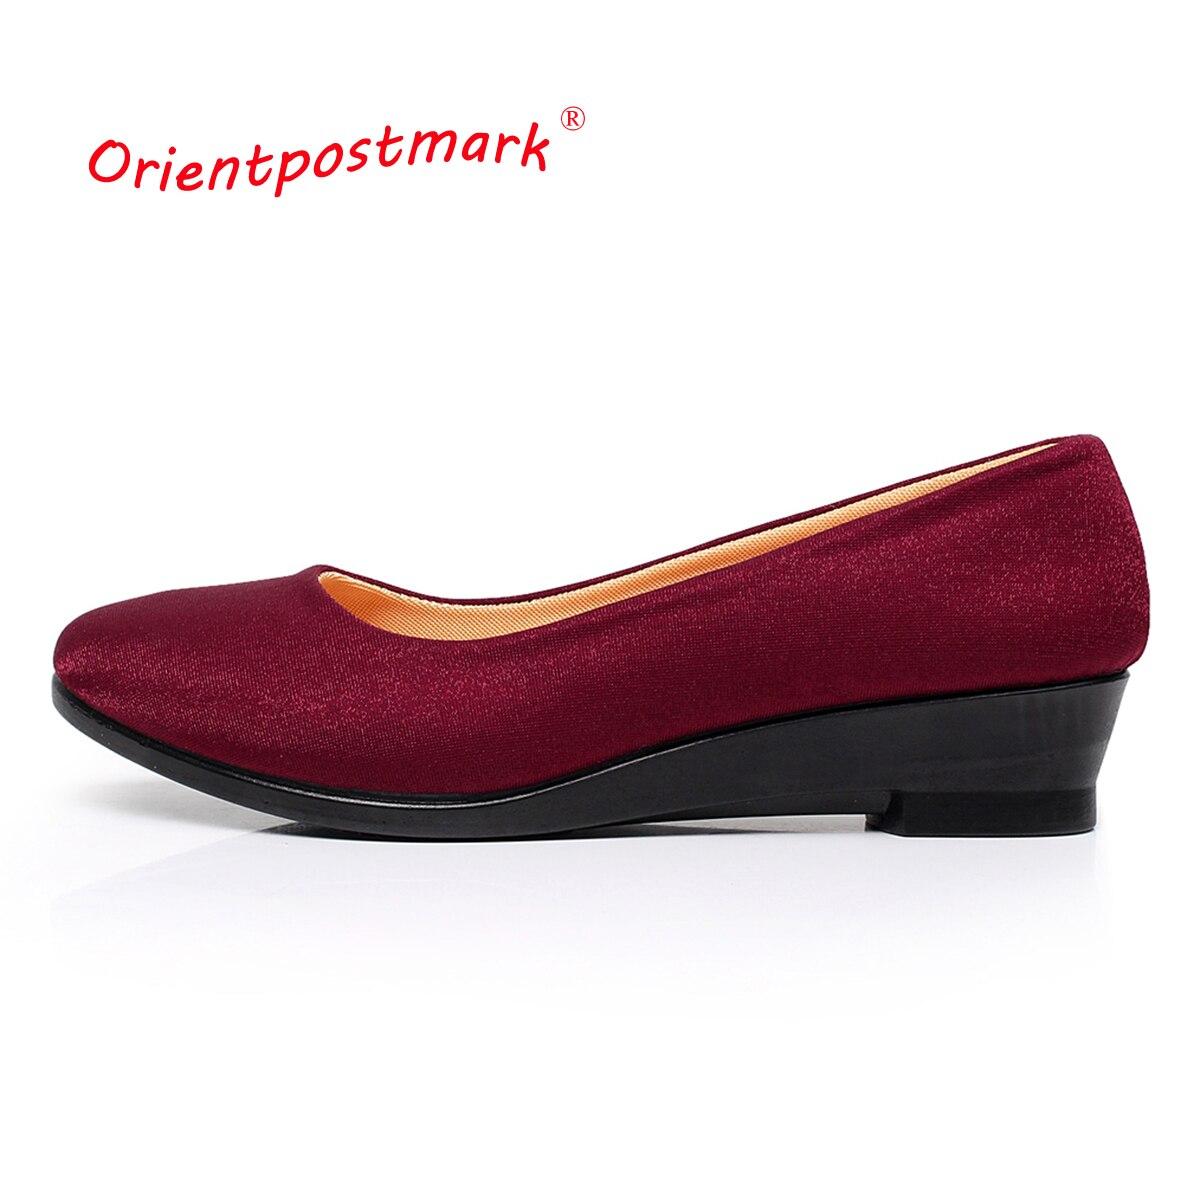 Frauen Zwängt Schuhe Frauen Schuhe für Arbeits Tuch Keile Süße Loafers Beleg Auf frauen Schwangere Keile Schuhe Oversize Boot schuhe